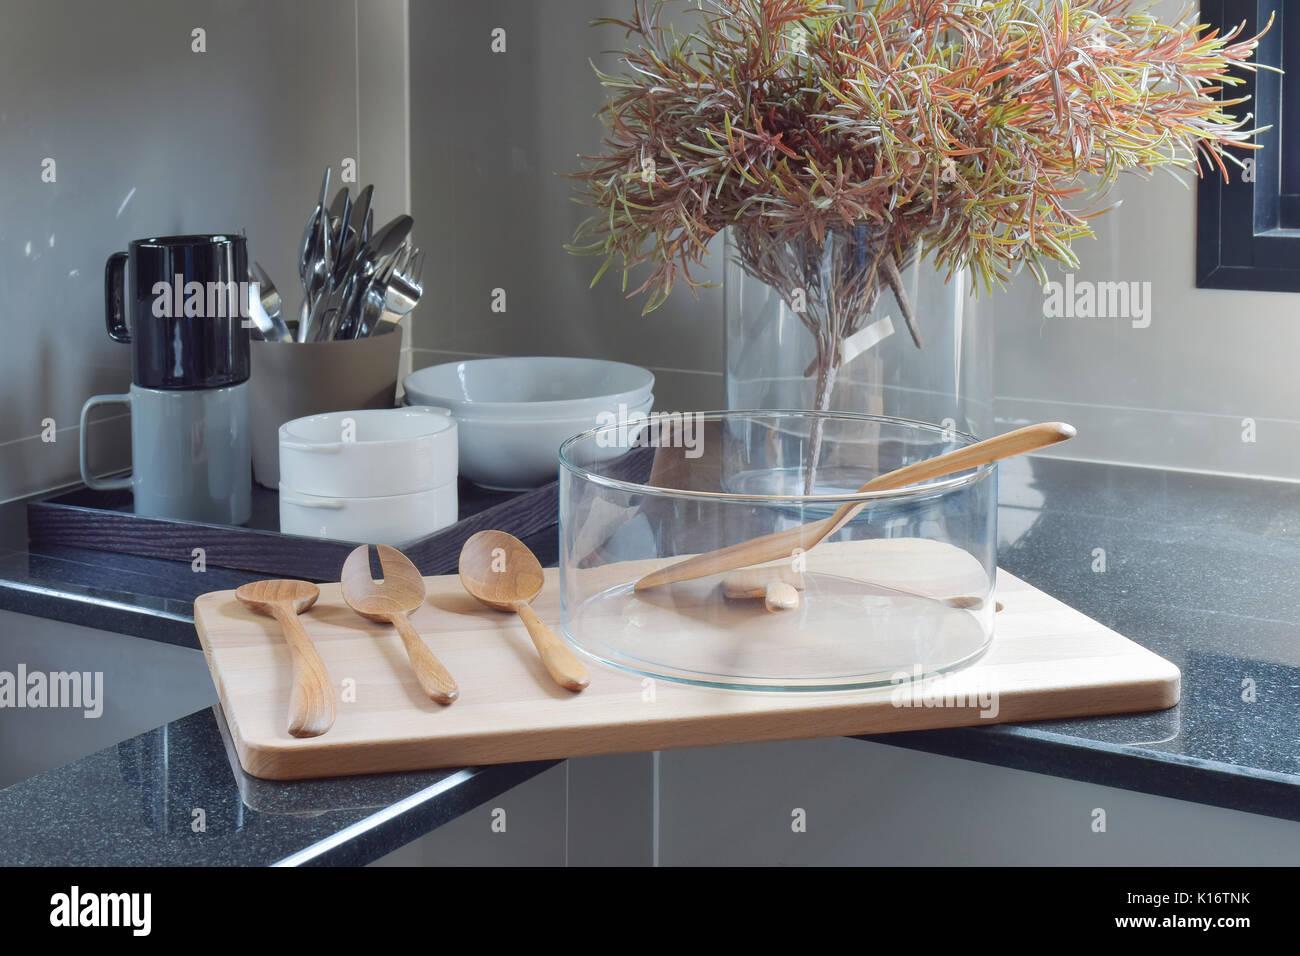 Vassoi In Legno Con Vetro : Vaso di vetro con utensile di legno sul vassoio in legno in cucina